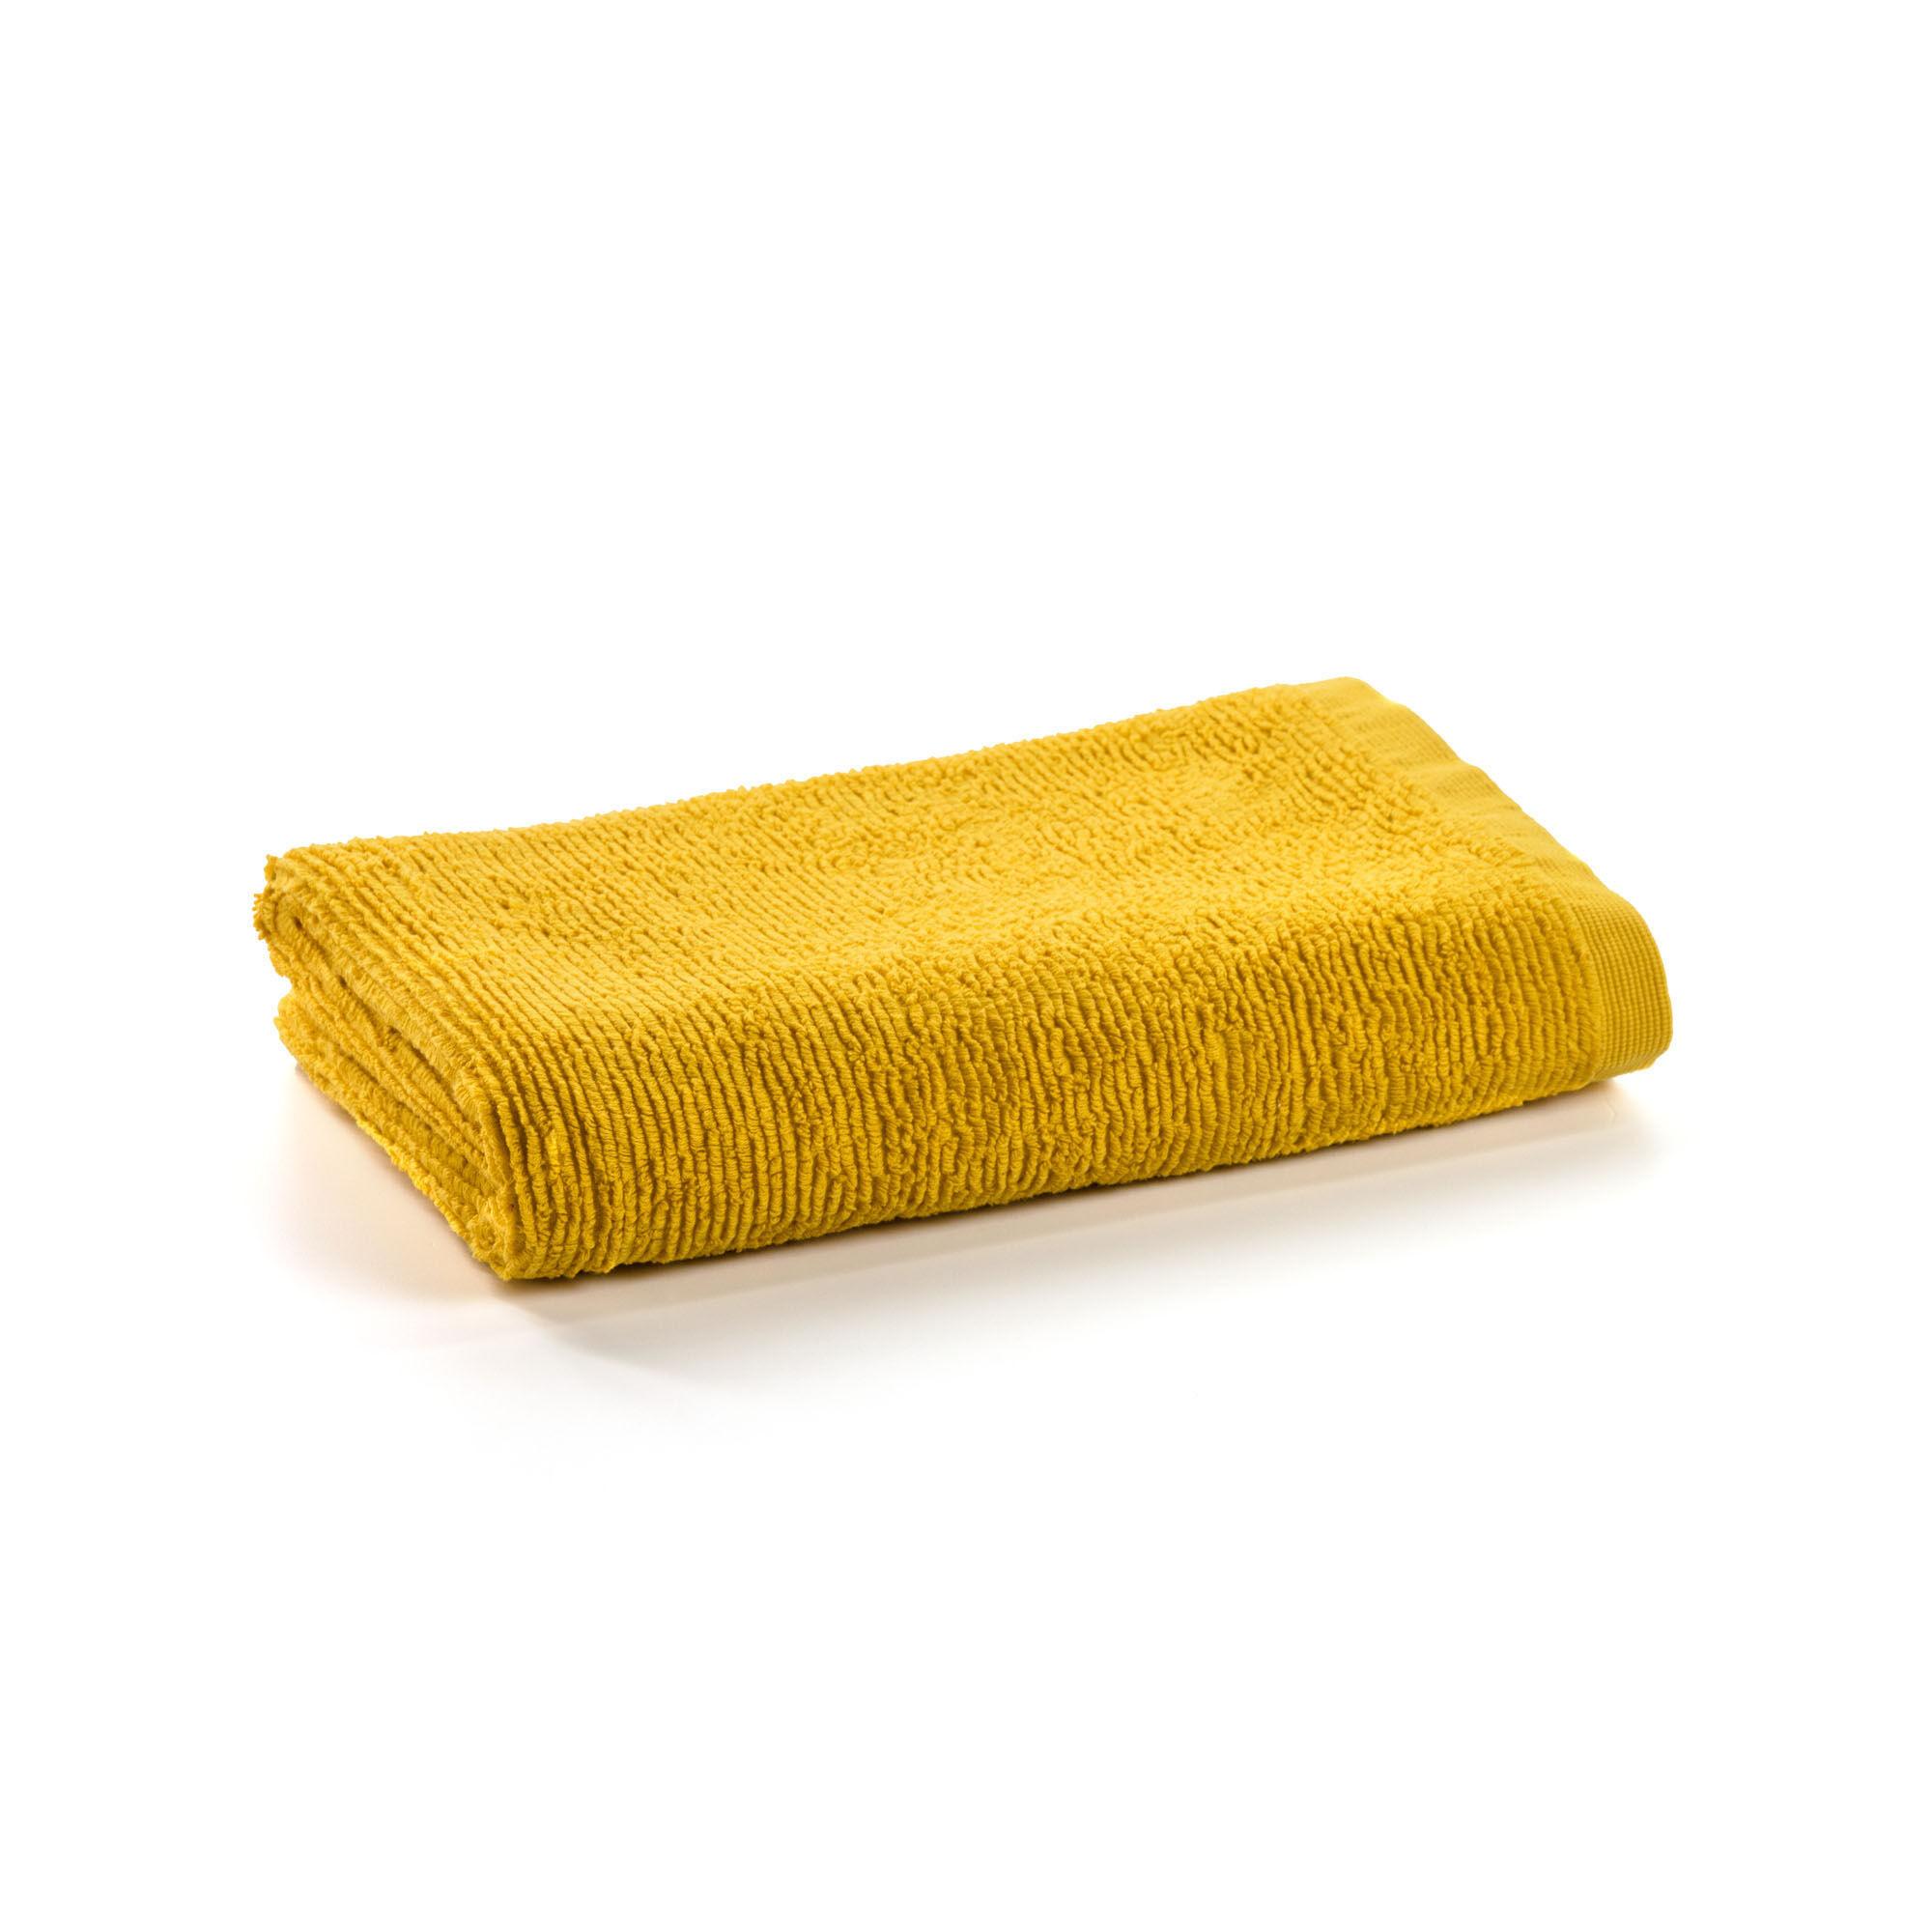 Kave Home - Miekki kleines Handtuch Bad, senfgelb